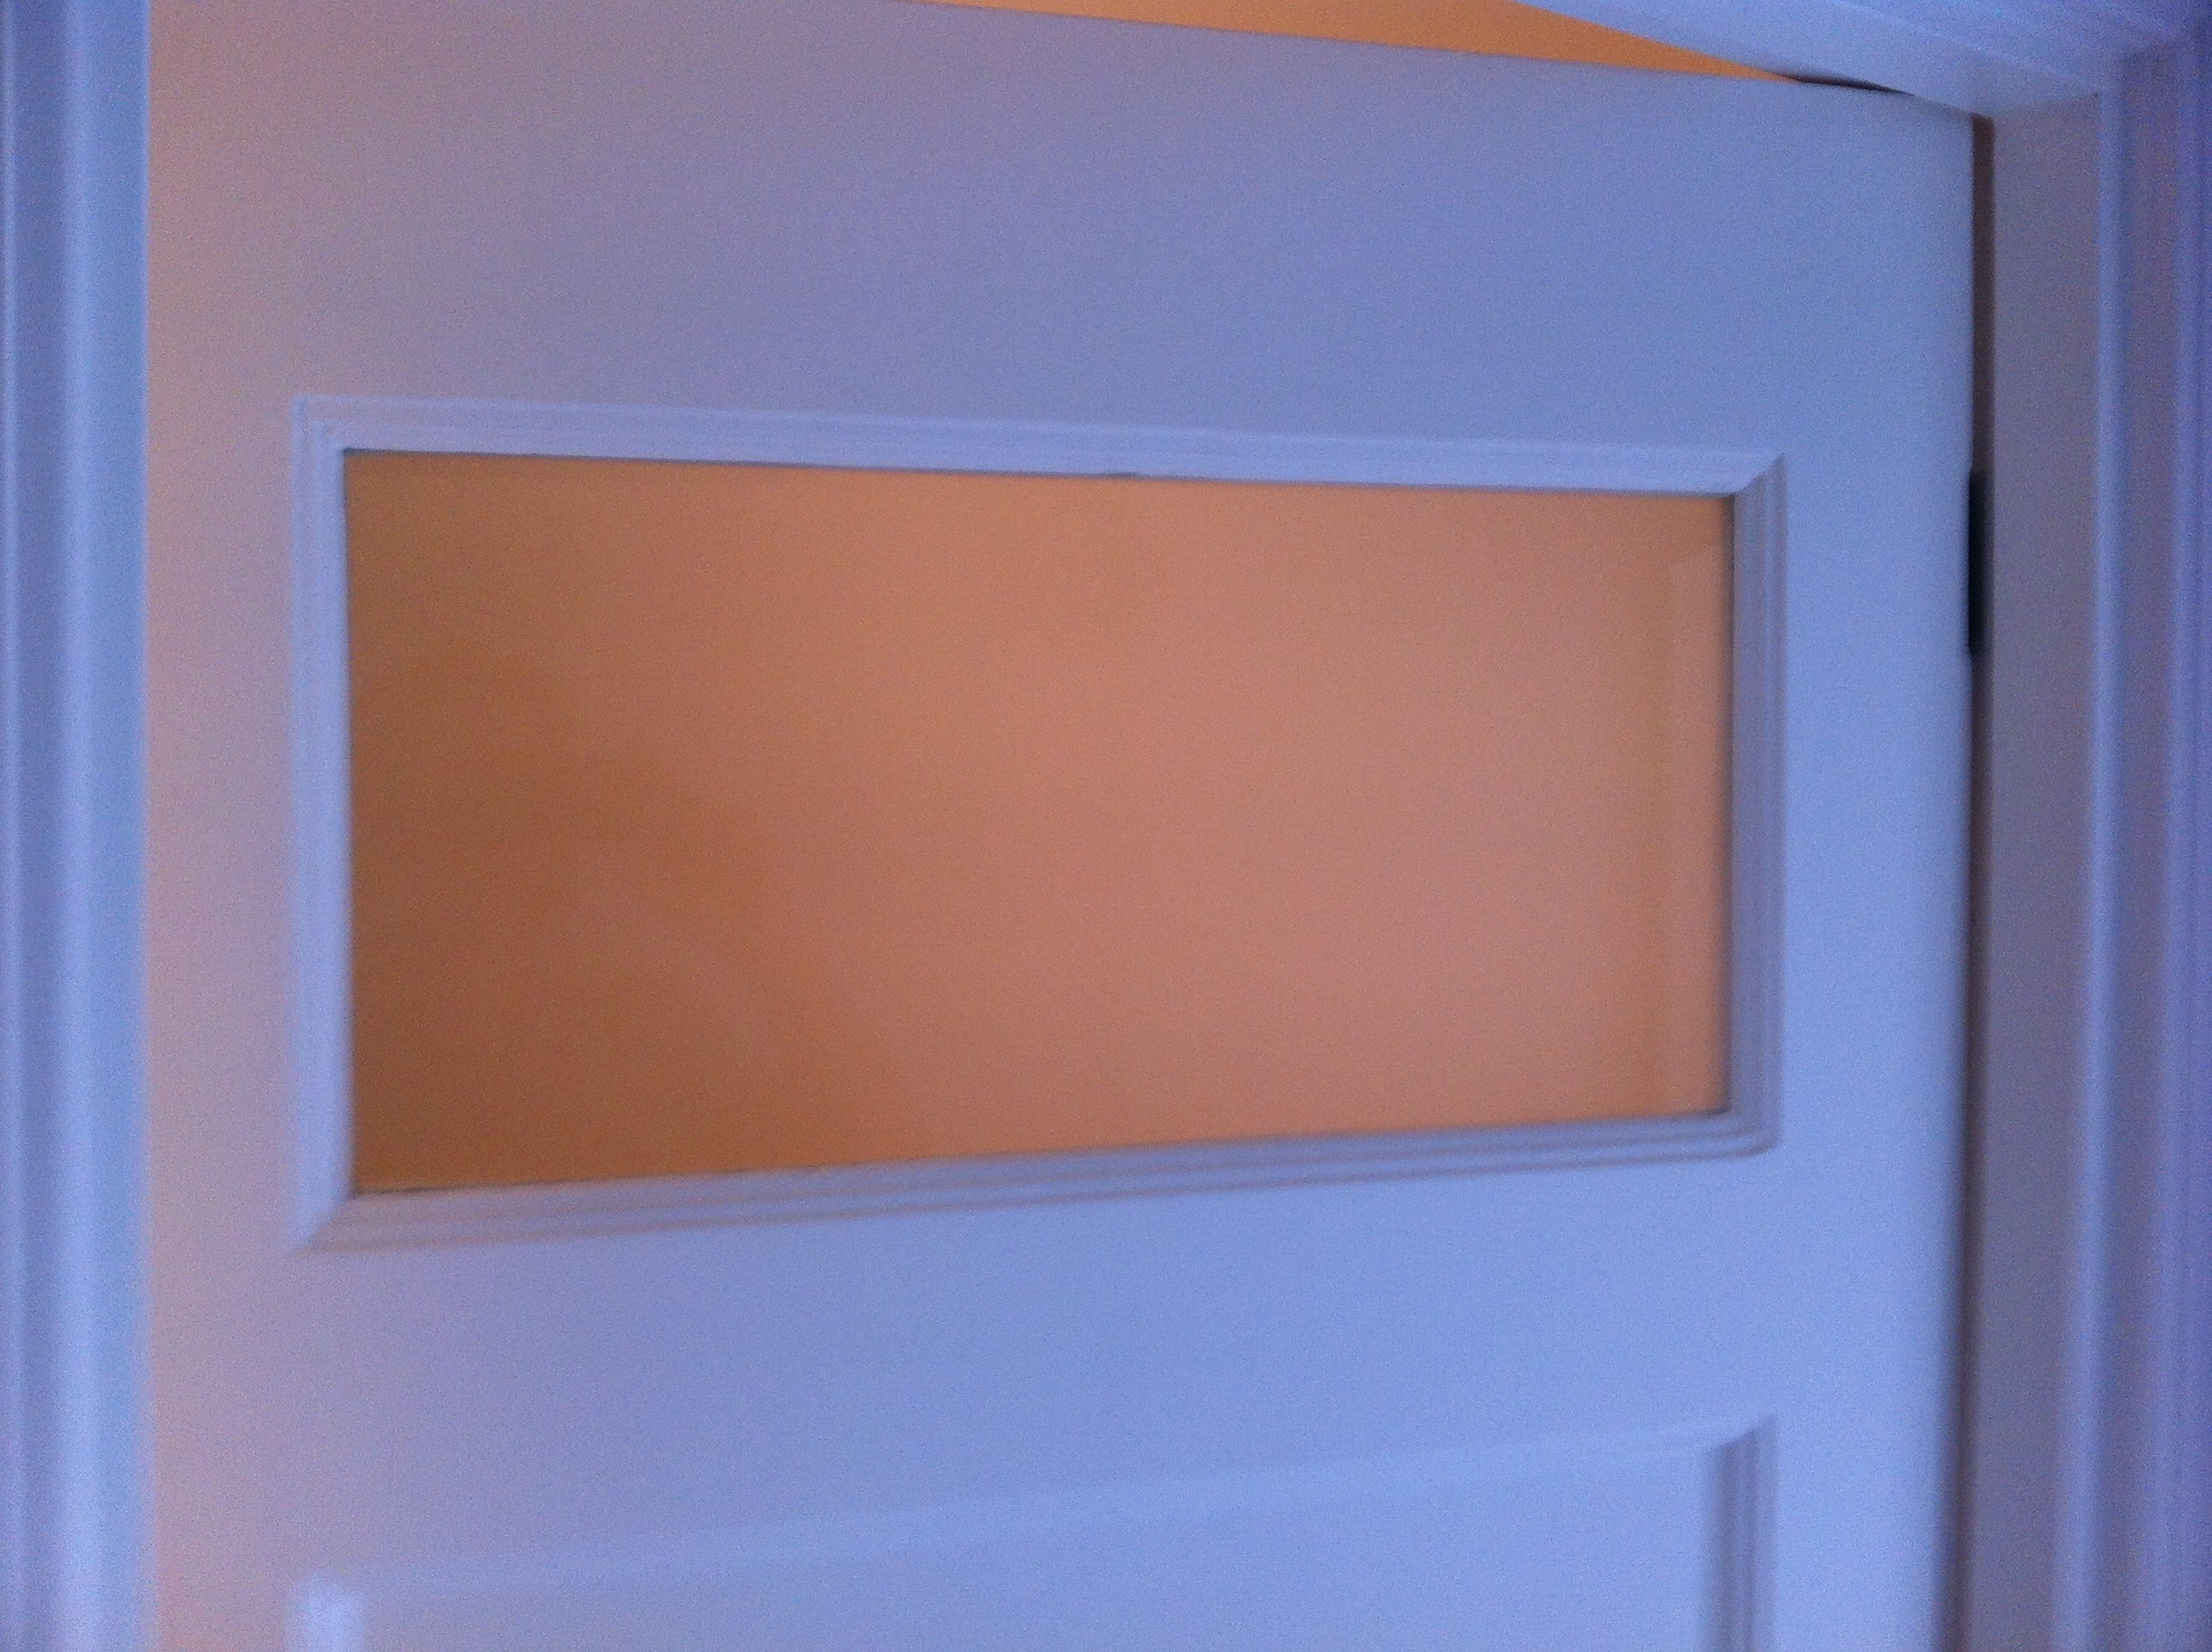 Mettre une vitre dans une porte int rieure pour les makers for Recouvrir porte interieure